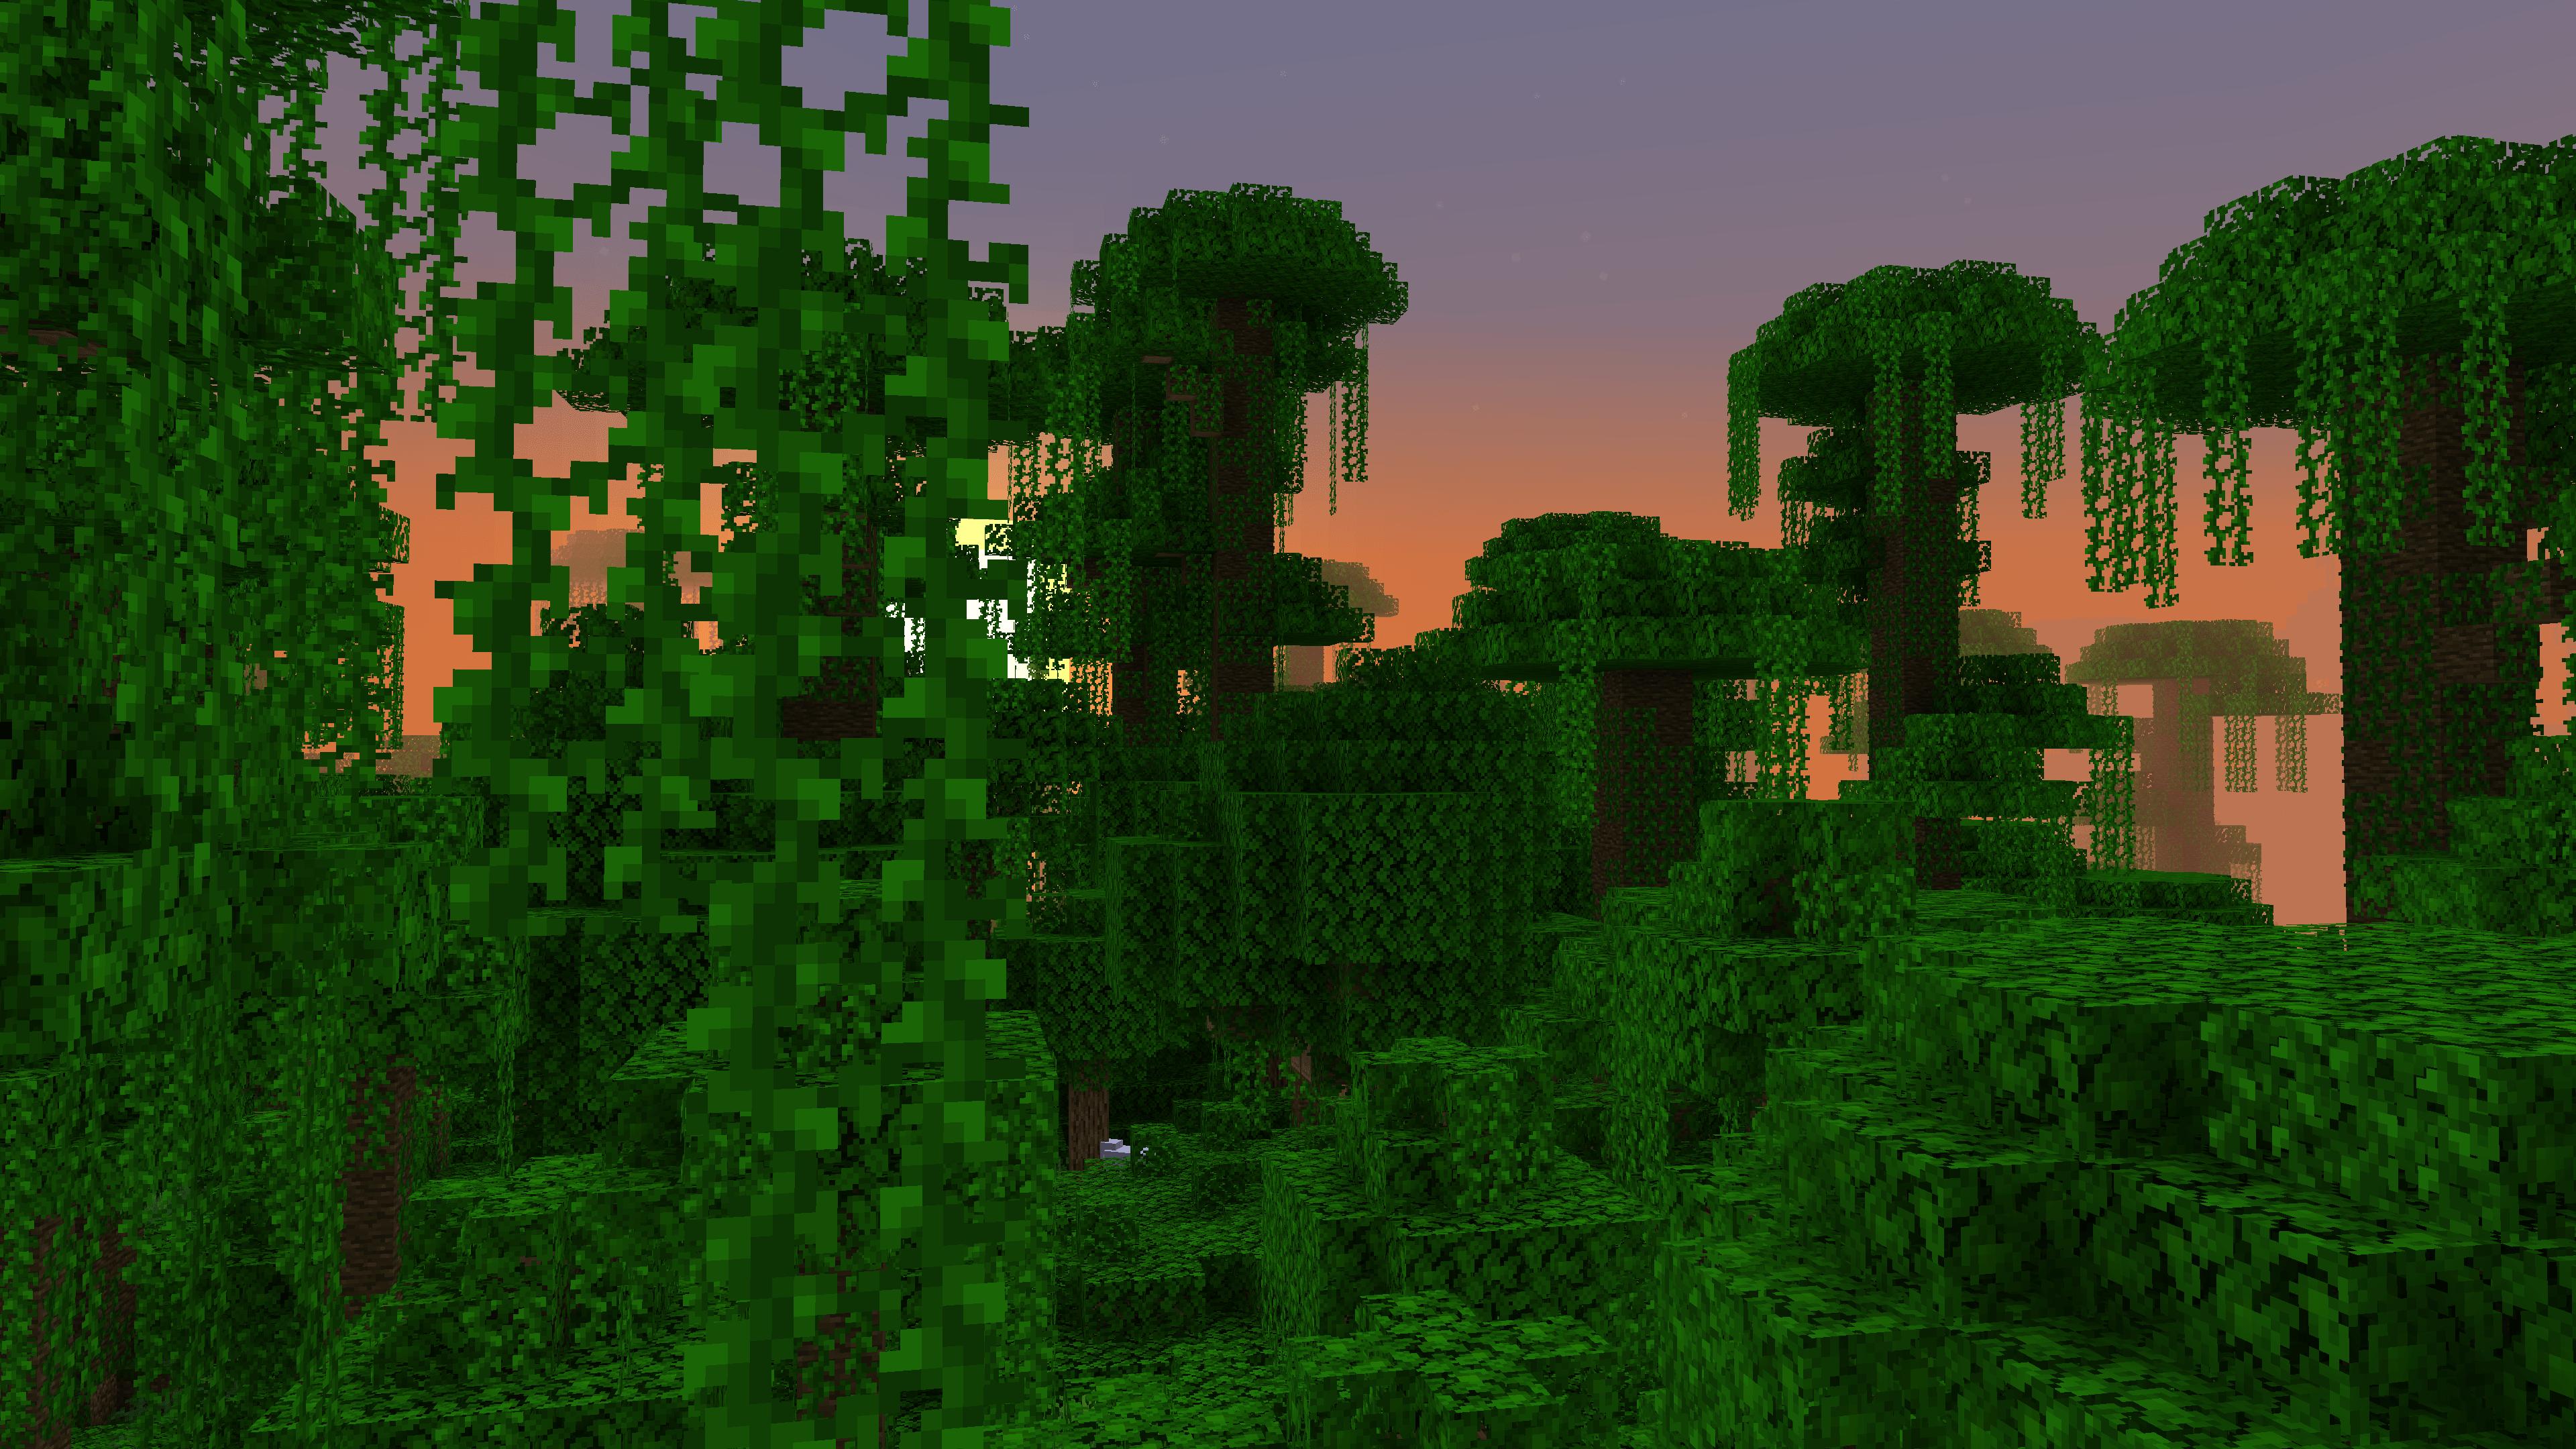 Rechiamoci nella giungla di Minecraft, dove troveremo un pappagallo da addomesticare su Minecraft.